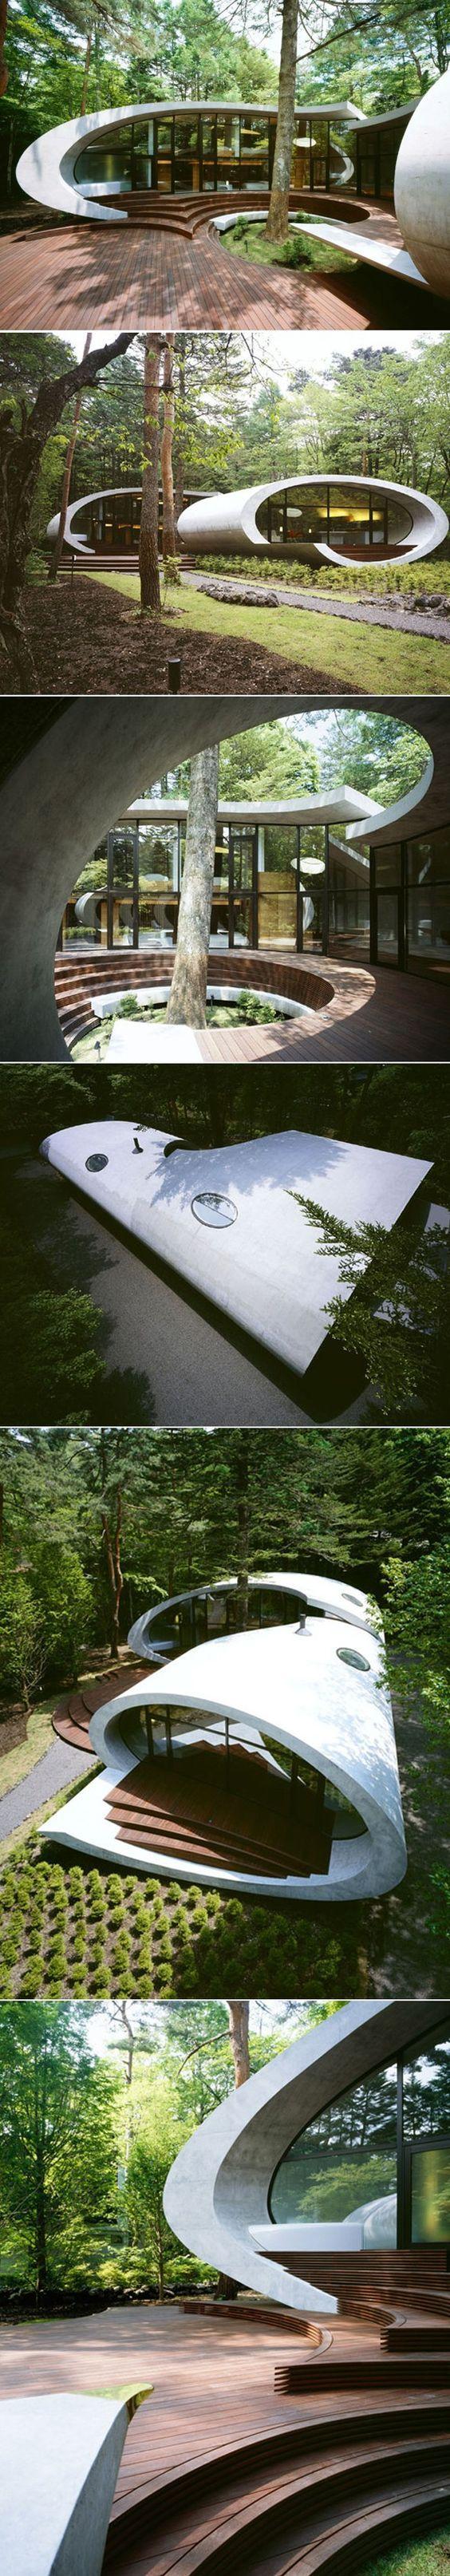 Maison Shell par Kotaro Ide   Journal du Design   Architecture de ...